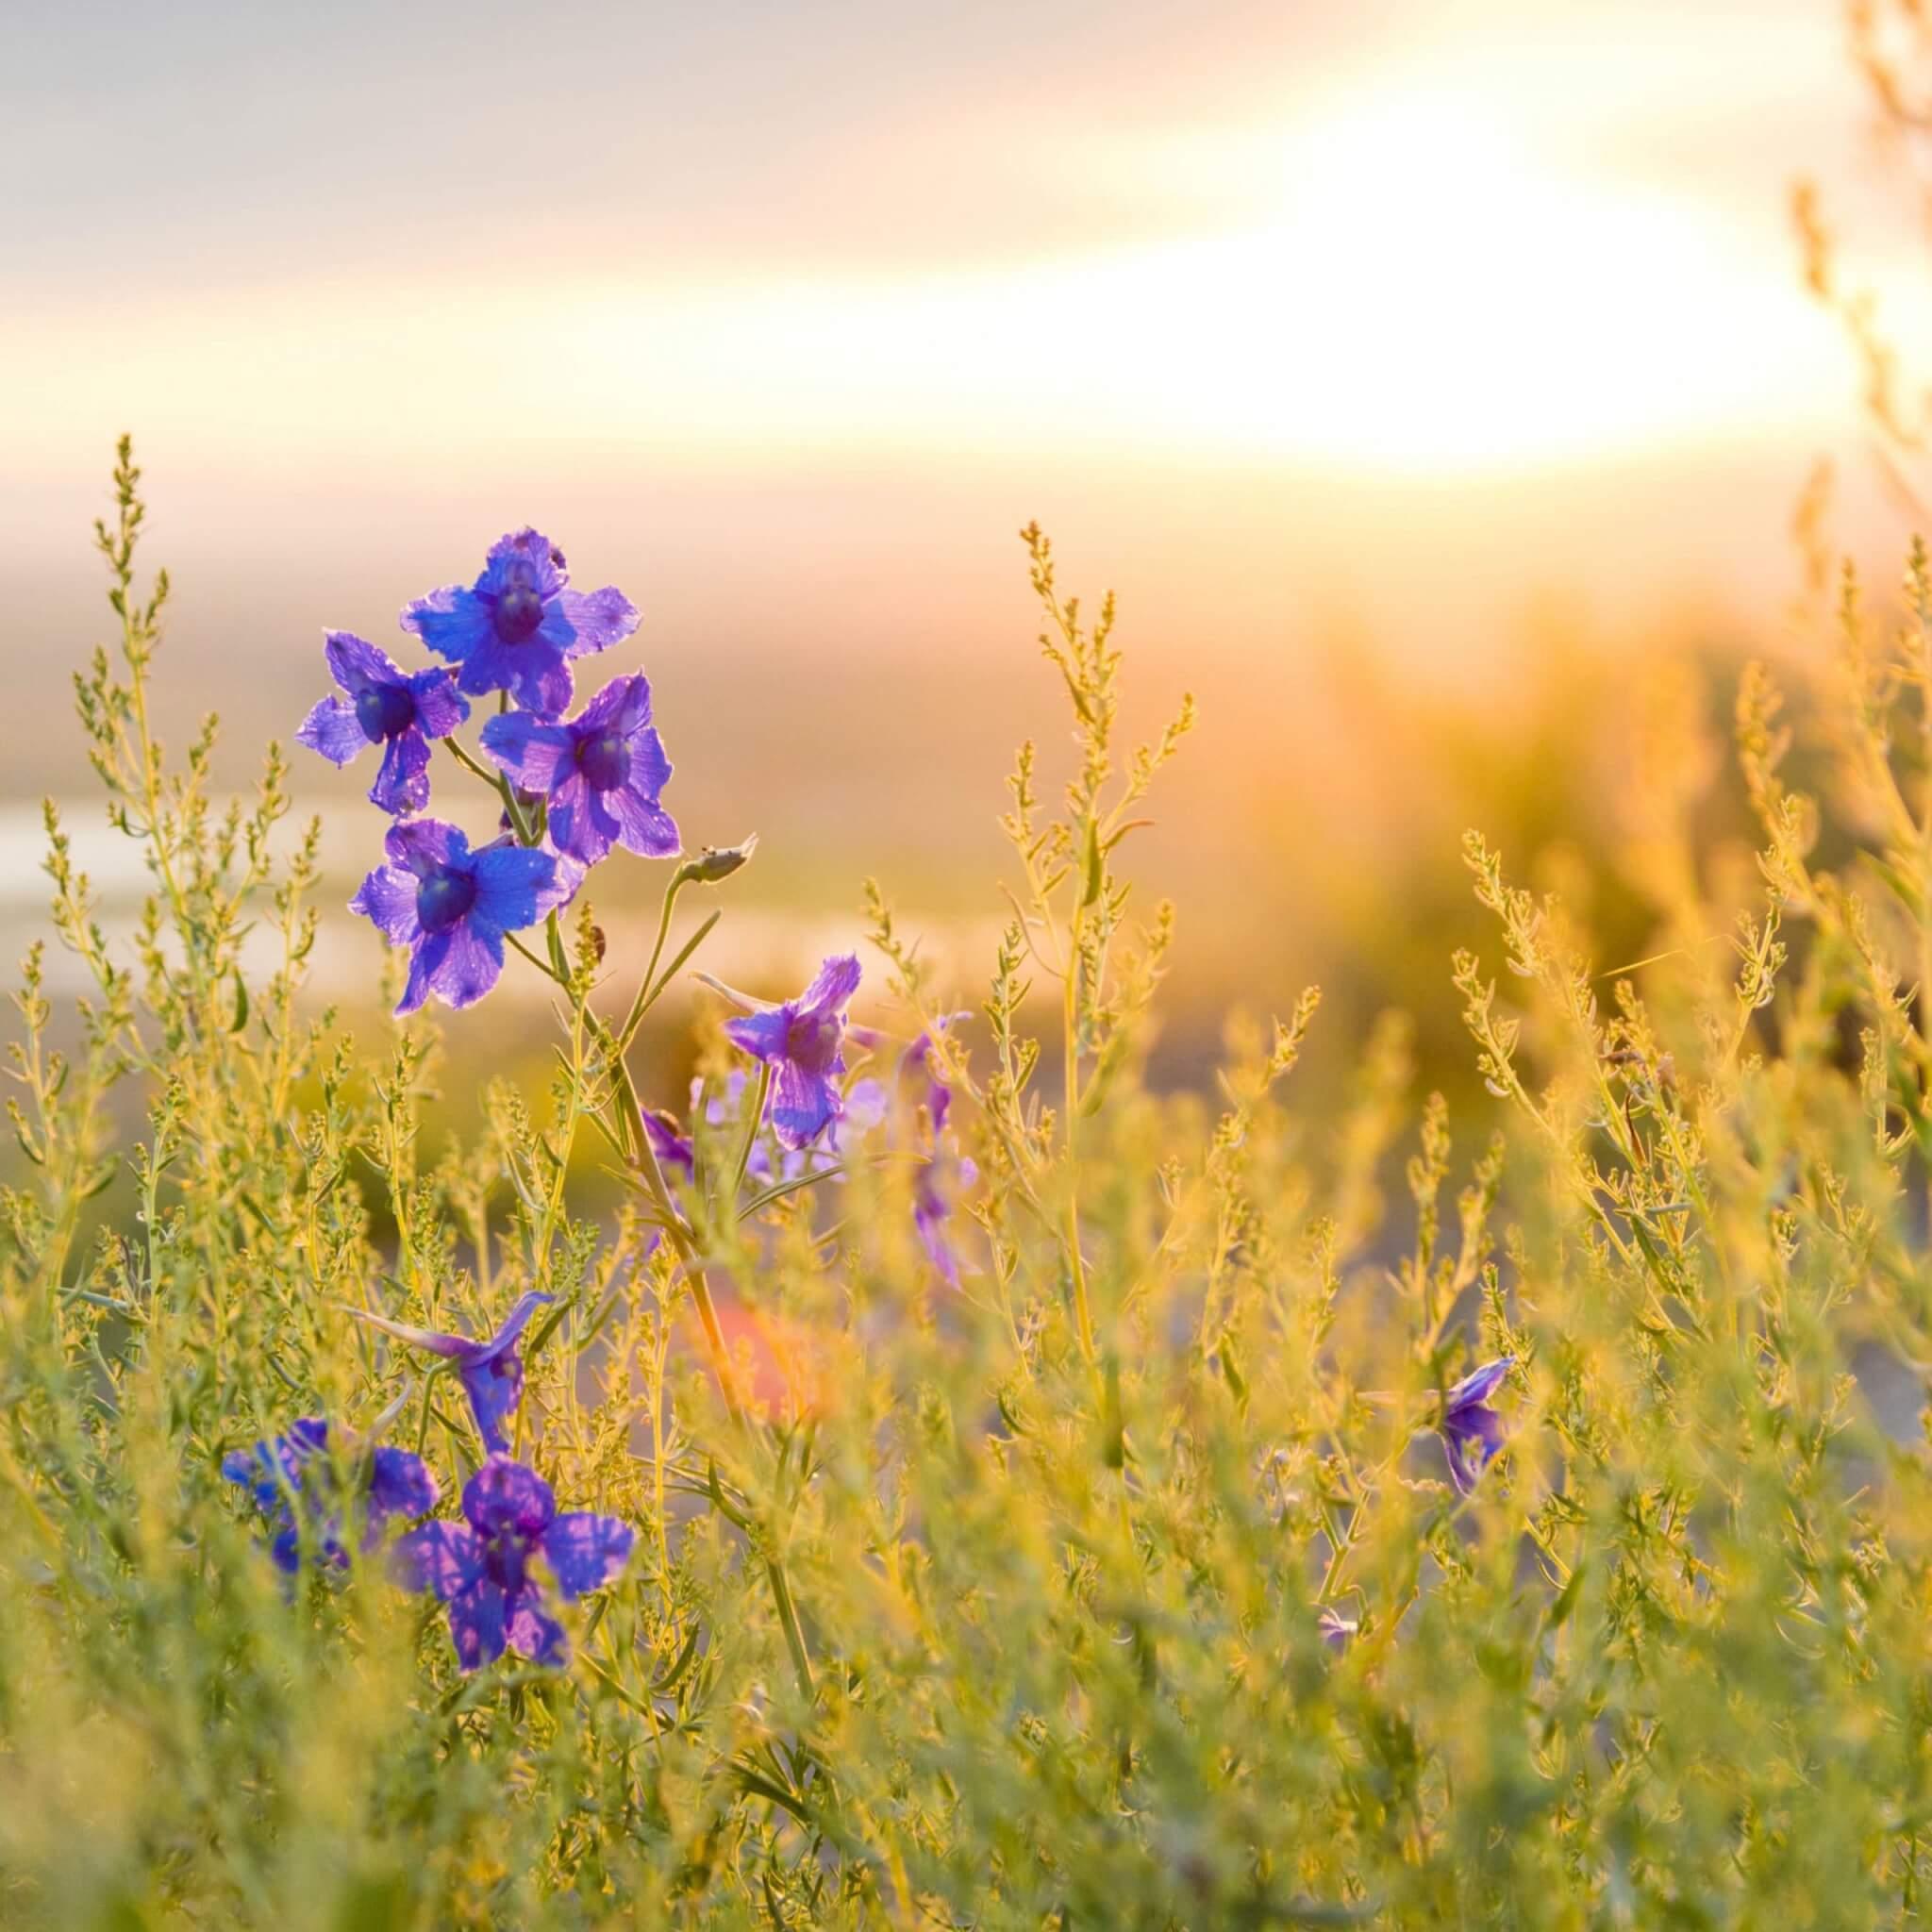 purple flowers in a field at sunrise